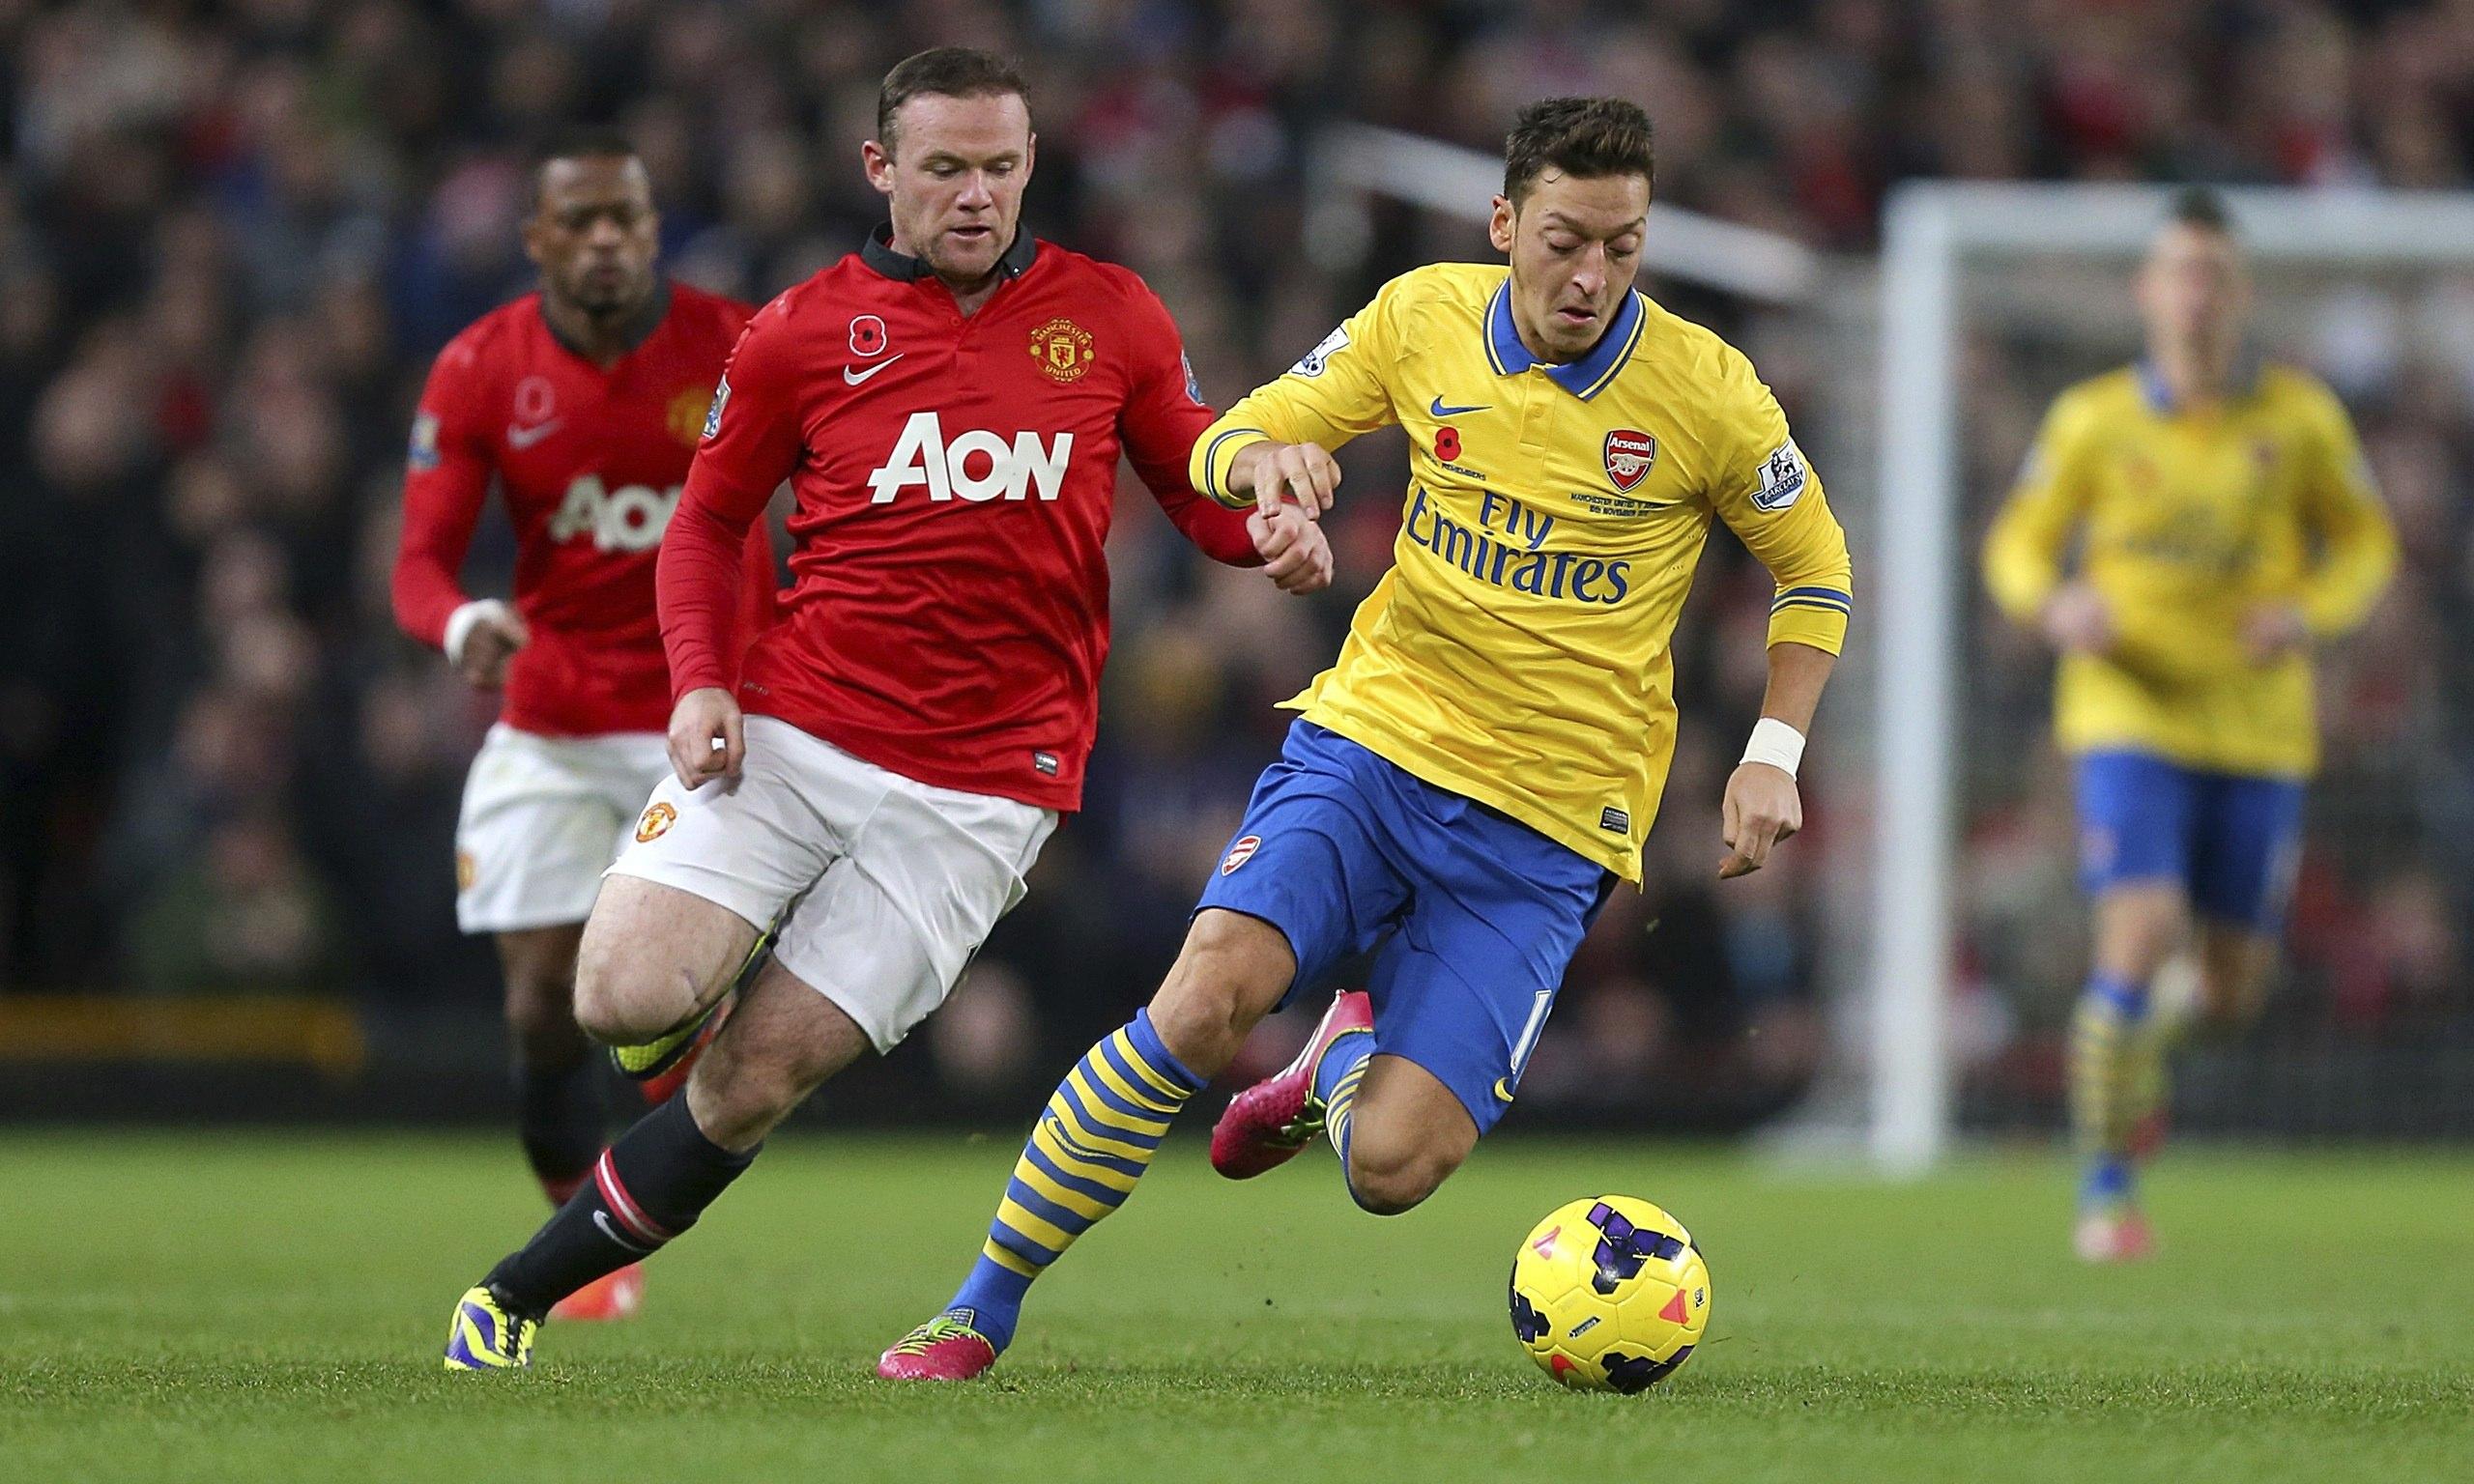 Manchester-United-Arsenal-Wayne-Rooney